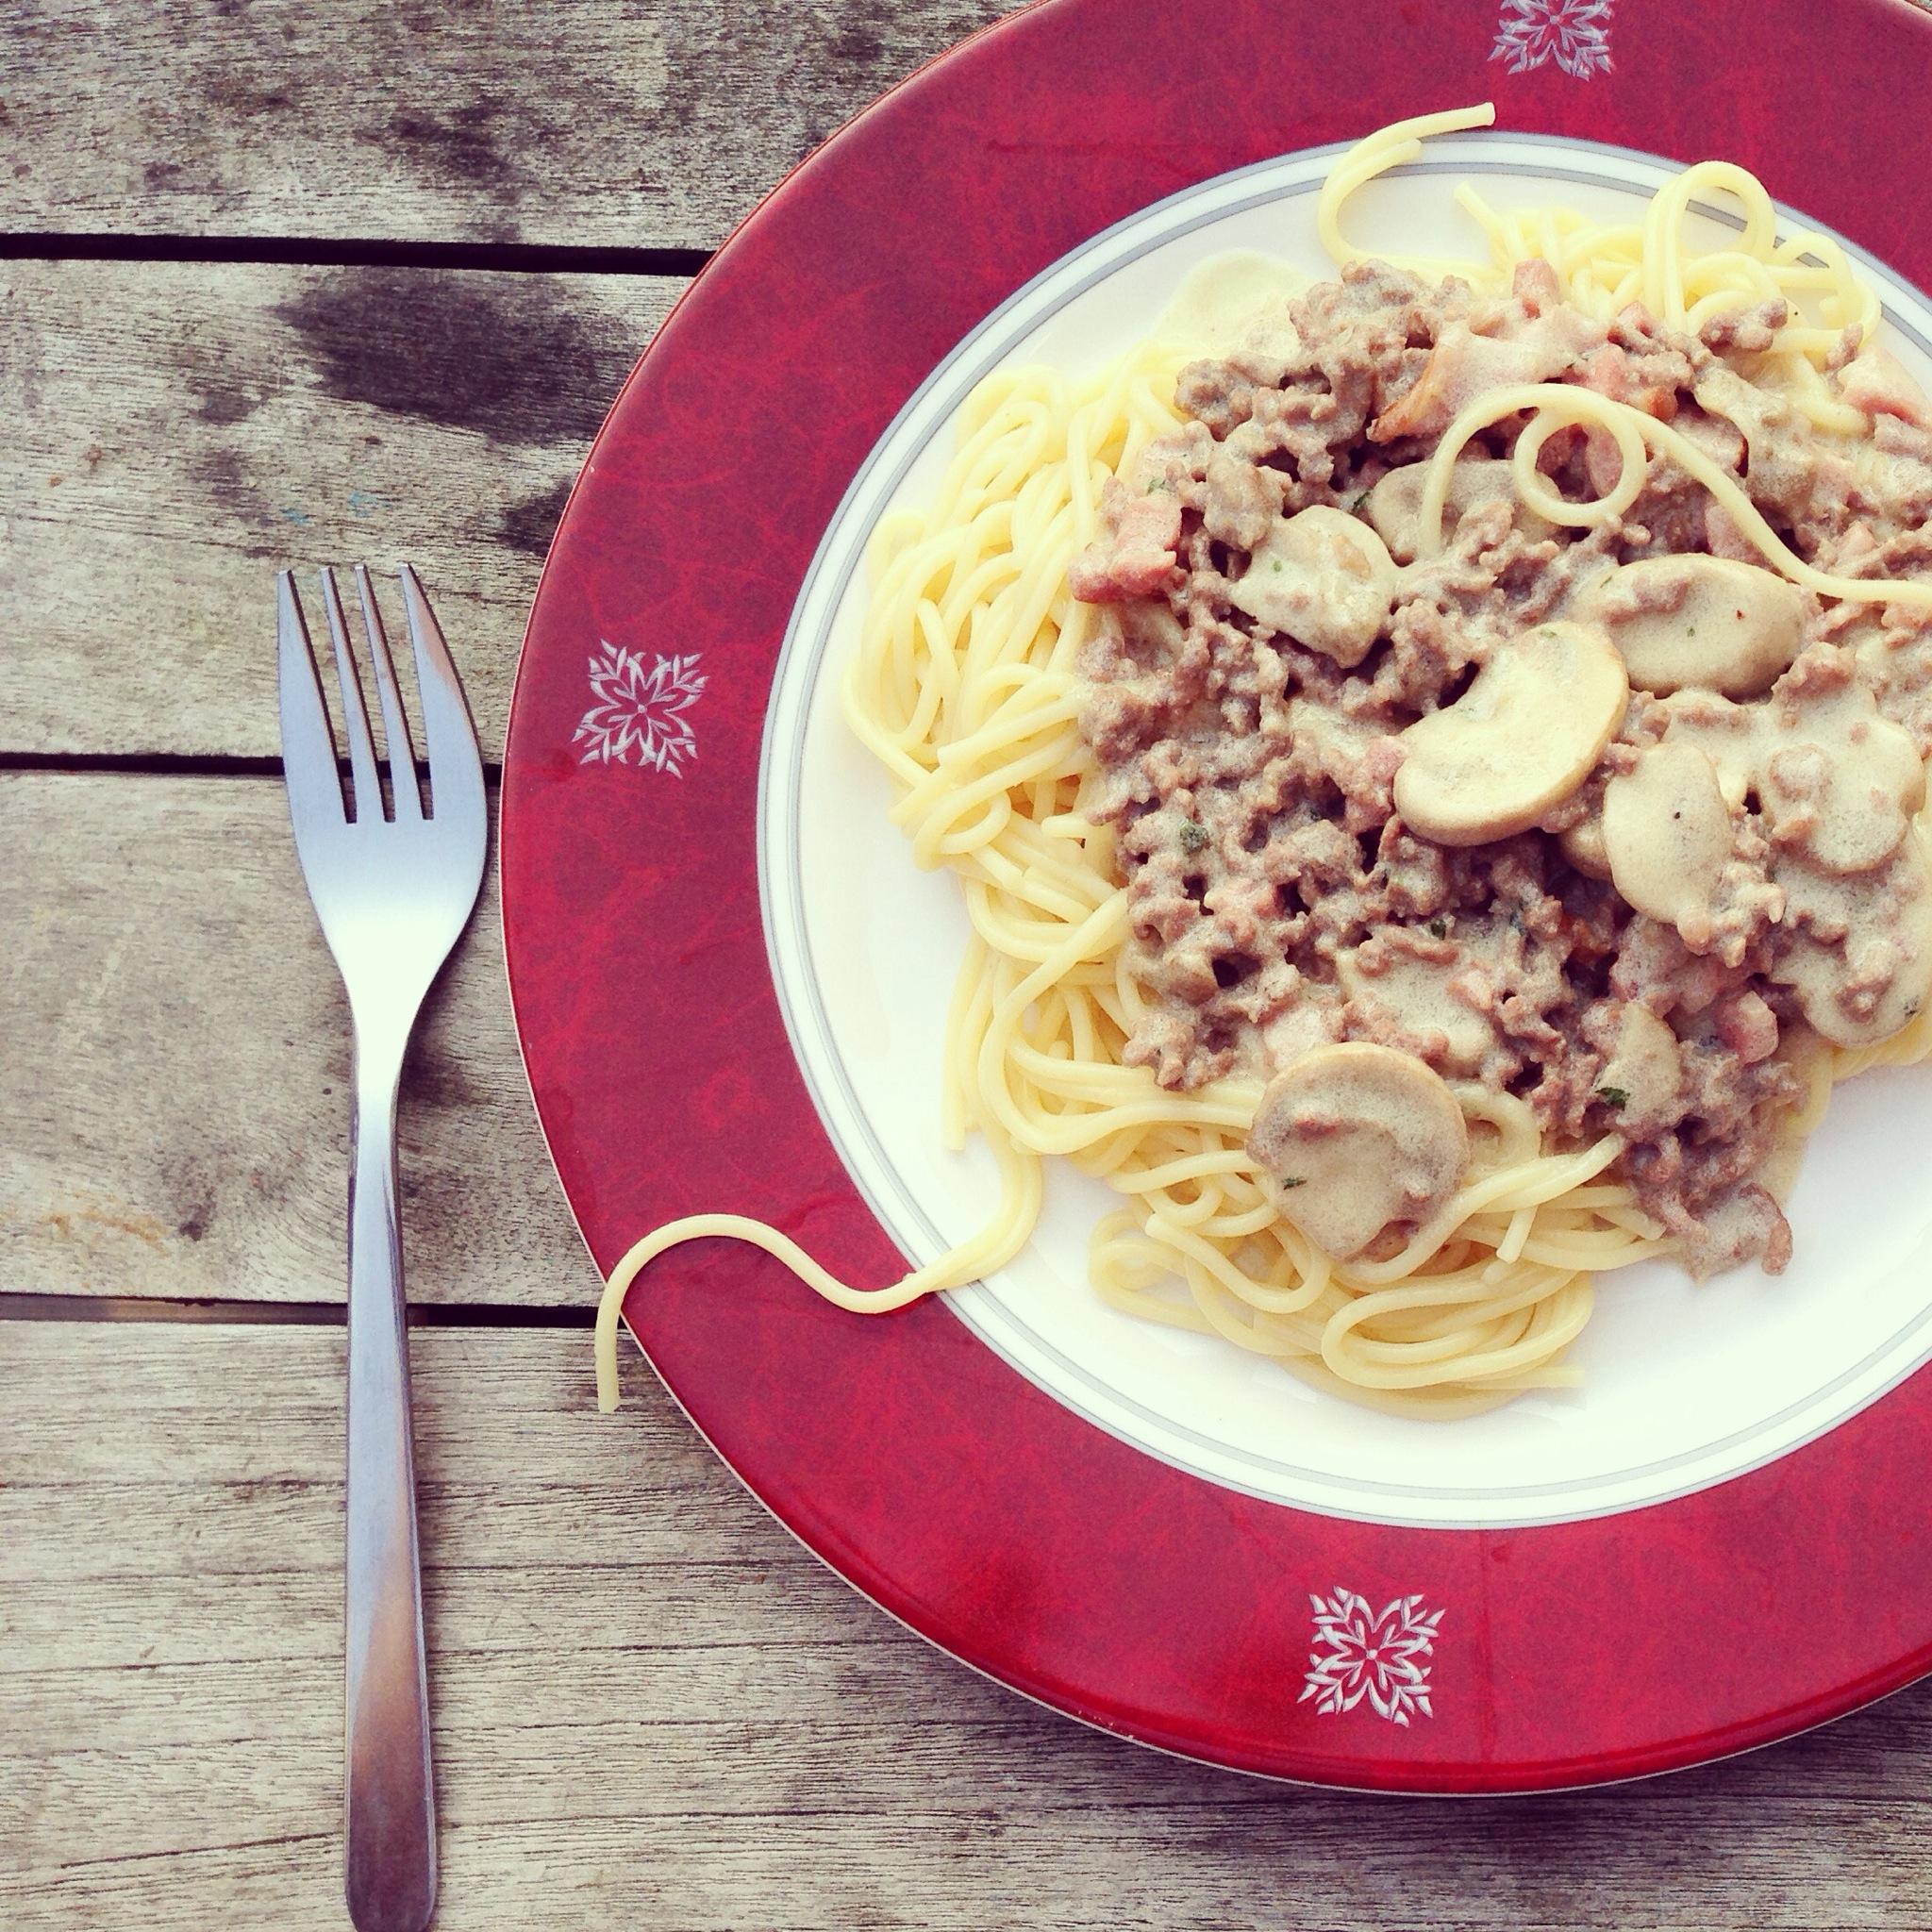 Wij aten dus met zijn tweeën spaghetti met witte saus. Ook lekker!